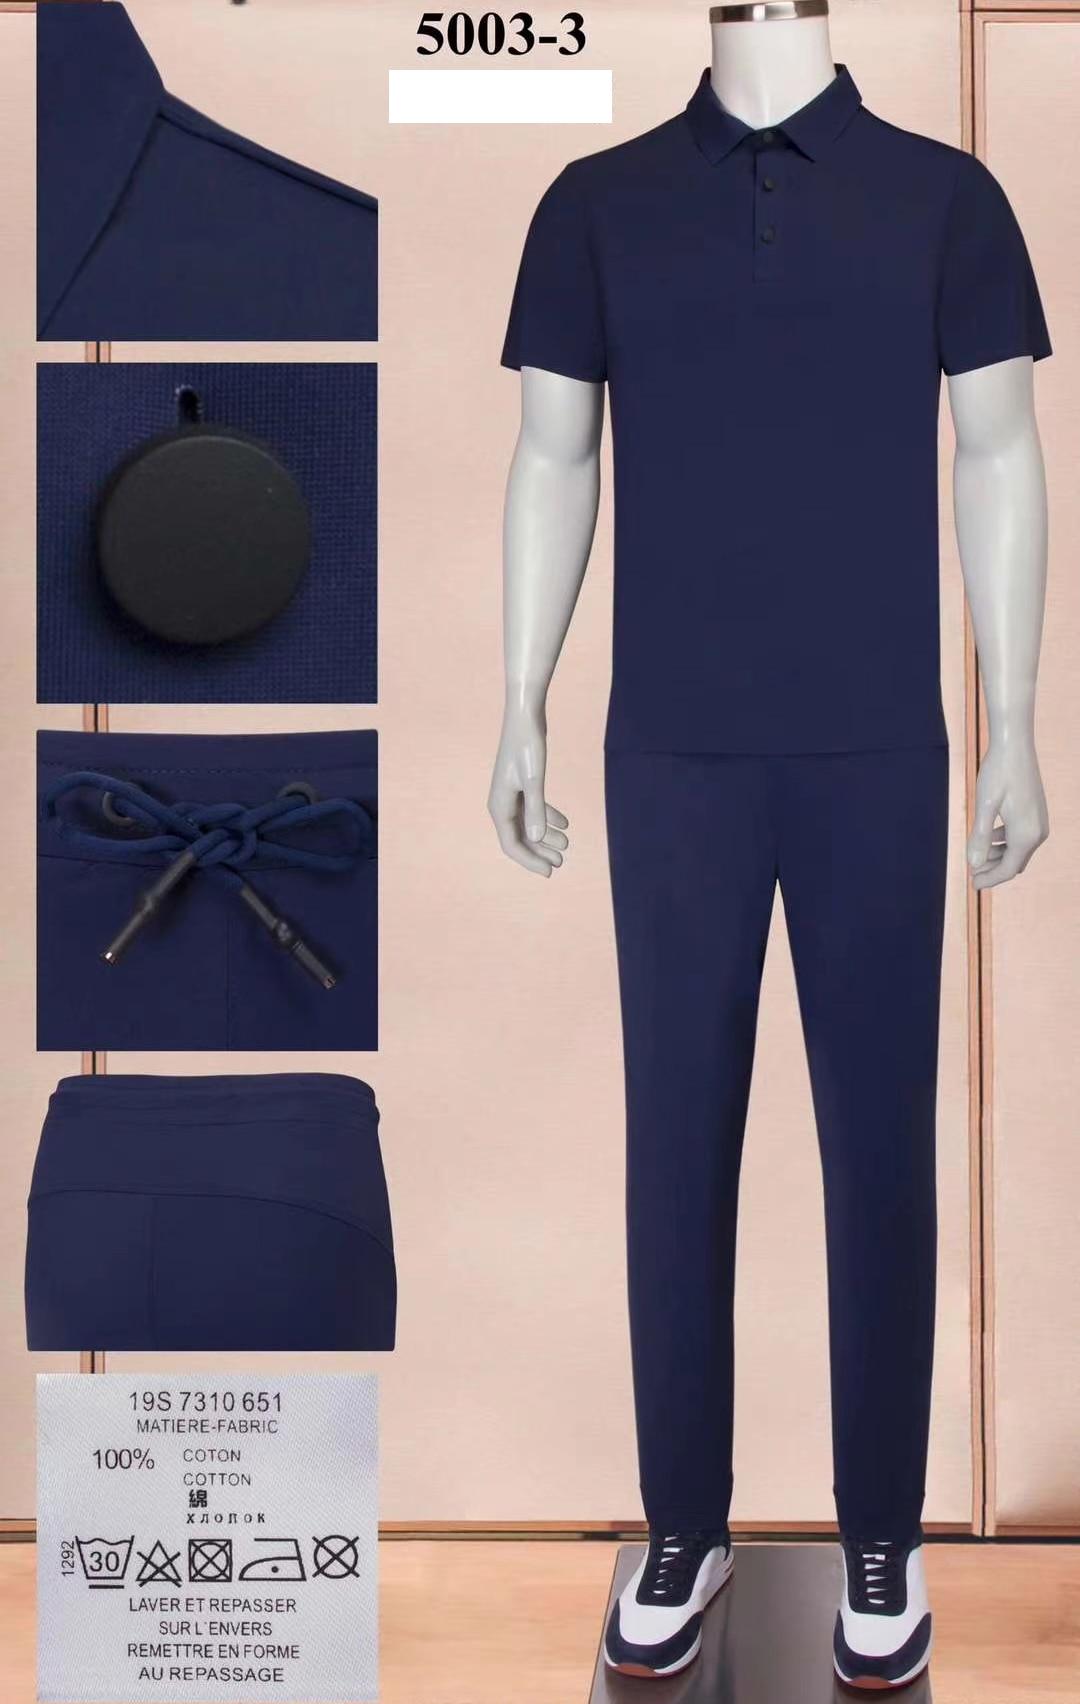 ملابس رياضية بلياردو للرجال ، مجموعة تطريز مريحة ، نمط إنجليزي ، 2021 قطن ، مقاس كبير M ~ 4XL ، مجموعة جديدة 100%